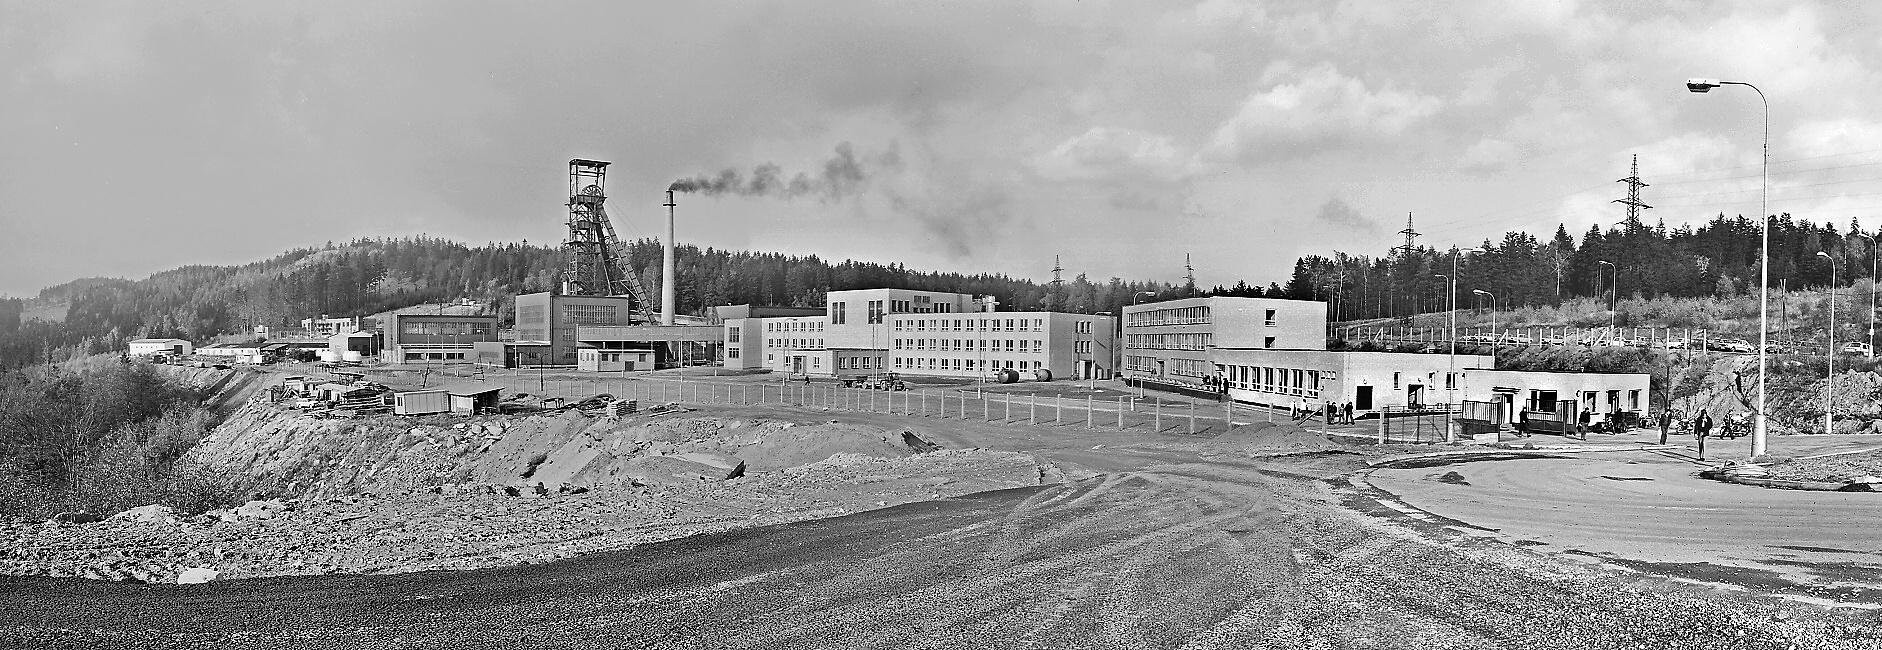 1983-10-14_DZN III